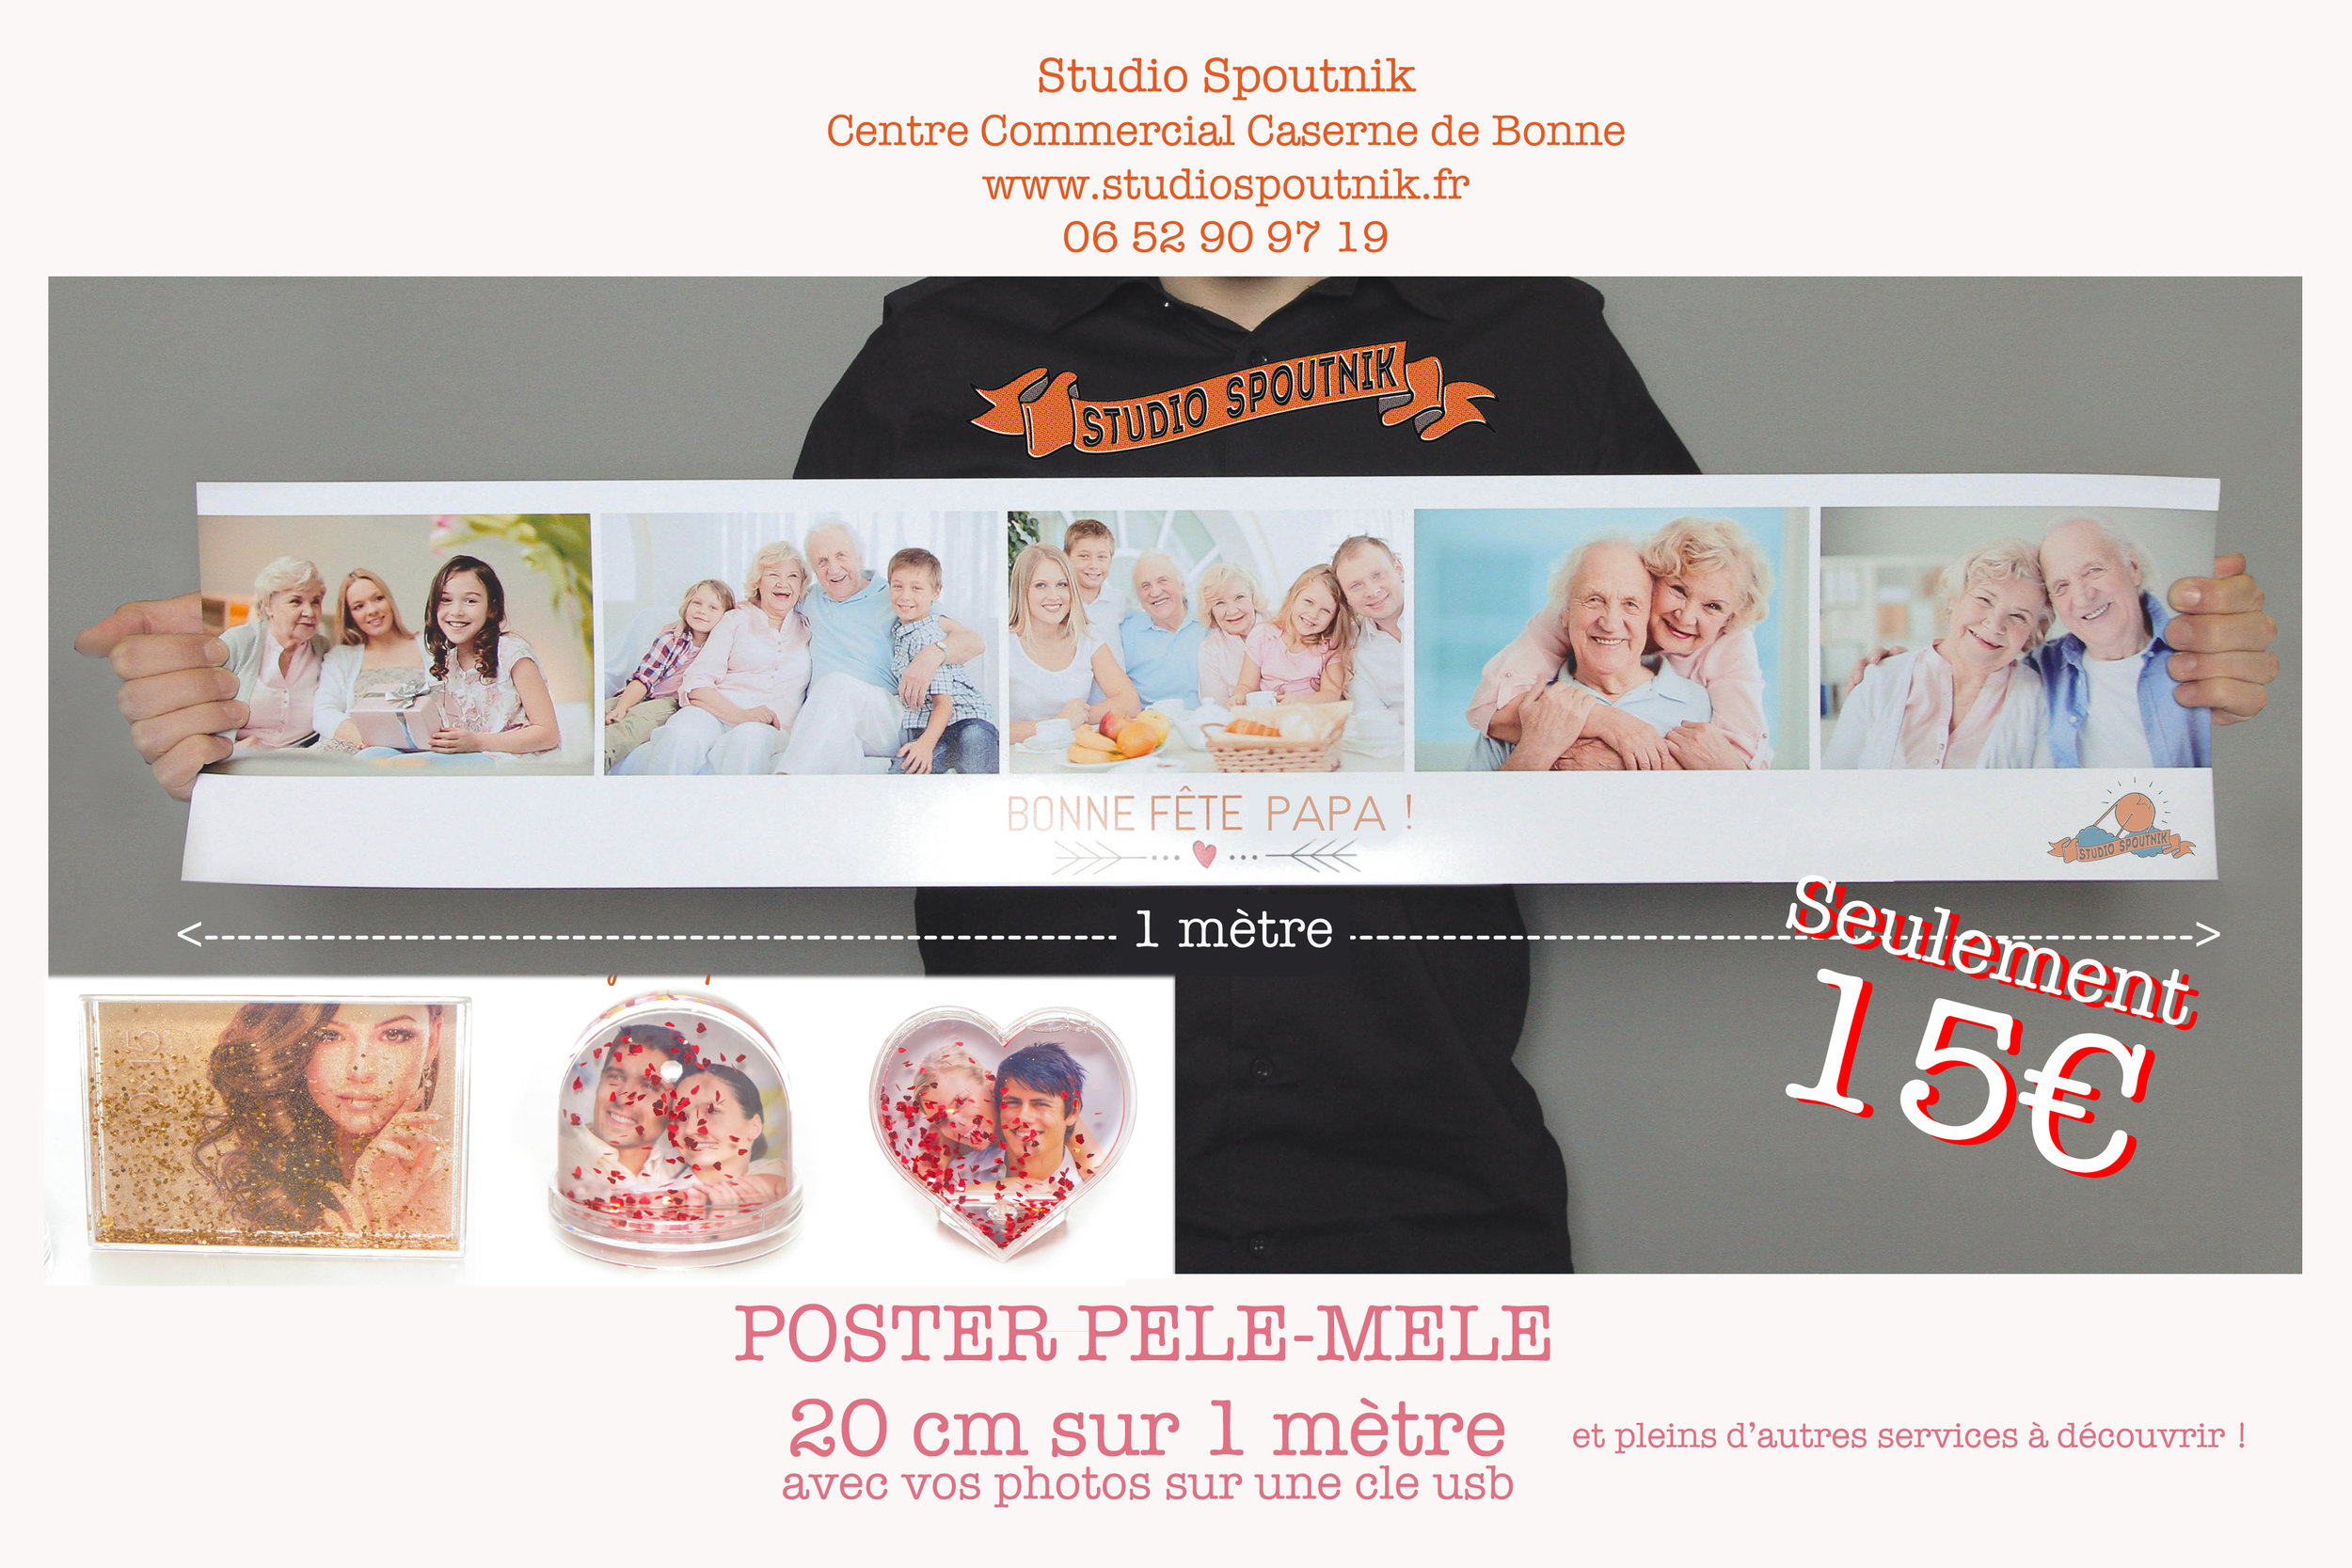 promo-fete-mamie_modifié-2.jpg